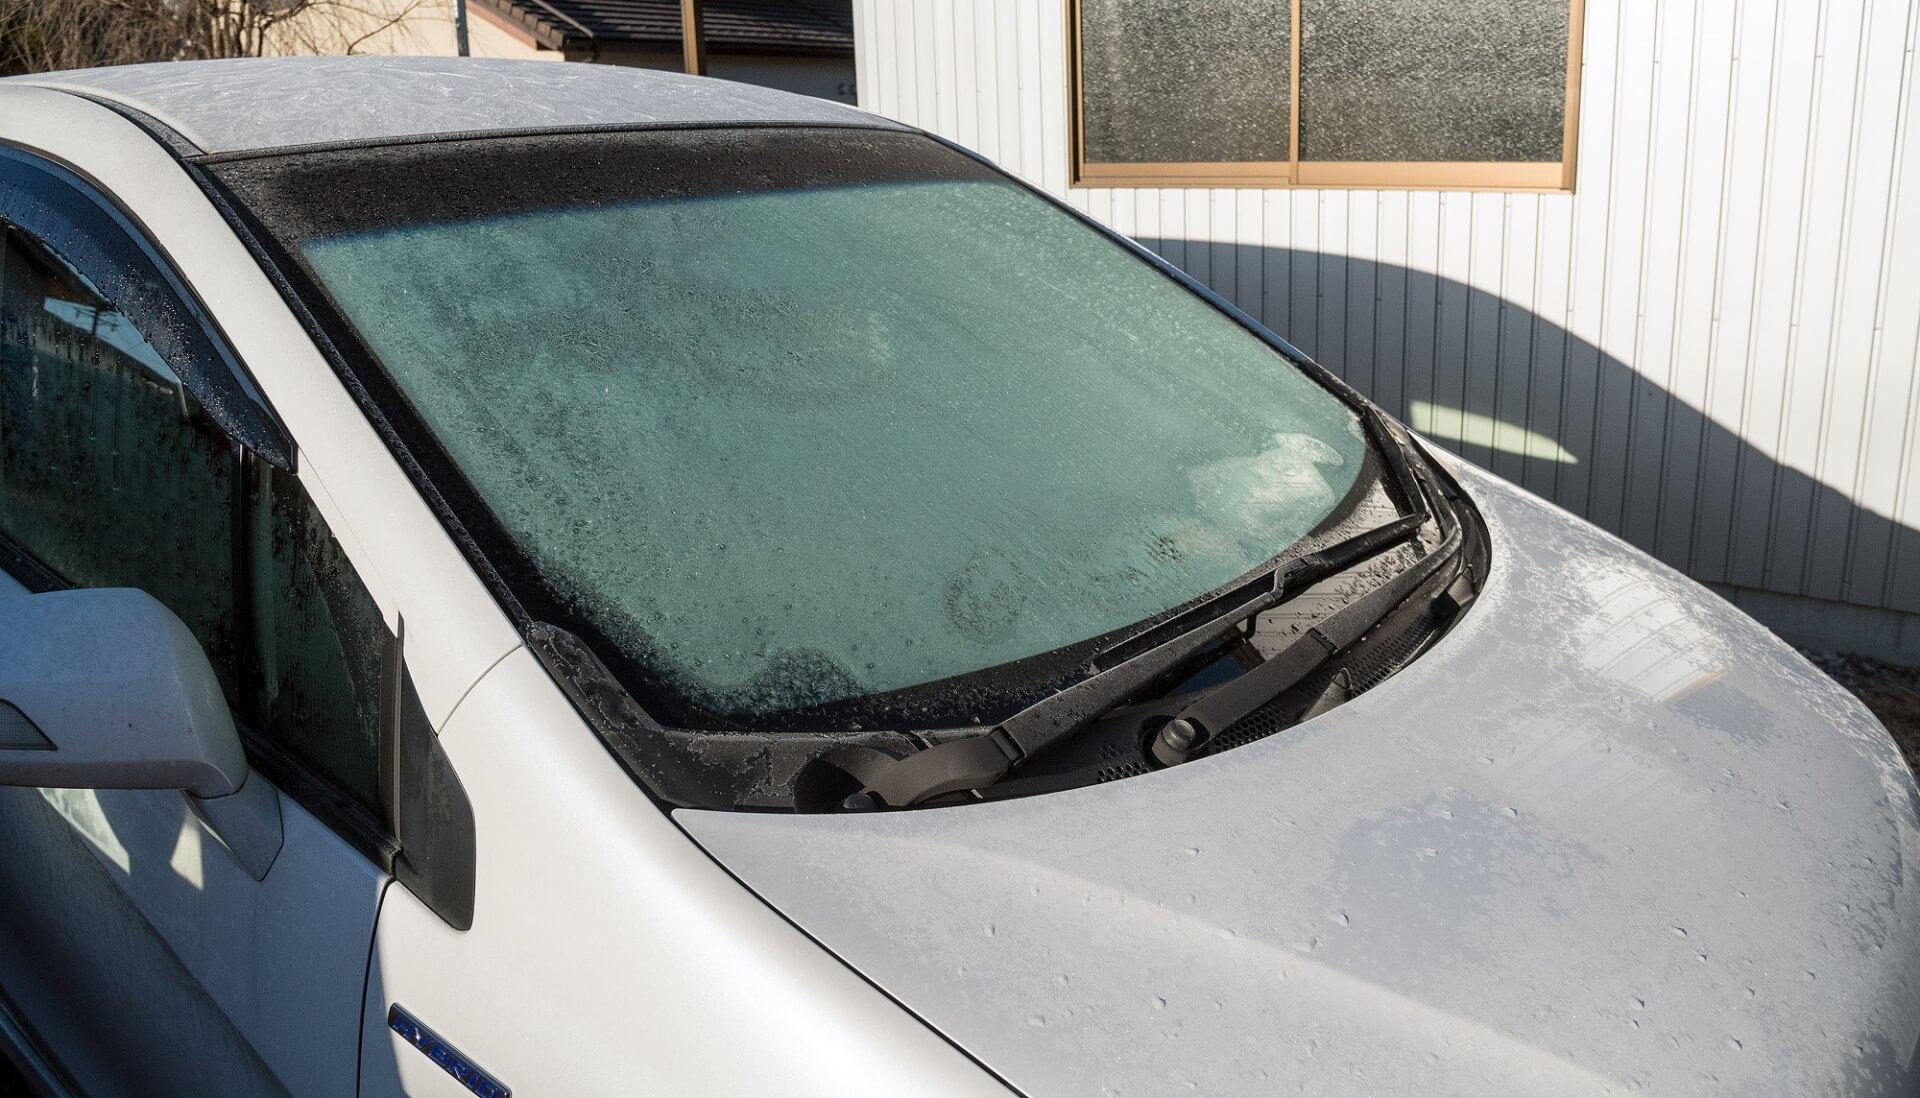 車のフロントガラスが凍ってる! 冬場の霜・凍結を防ぐ方法